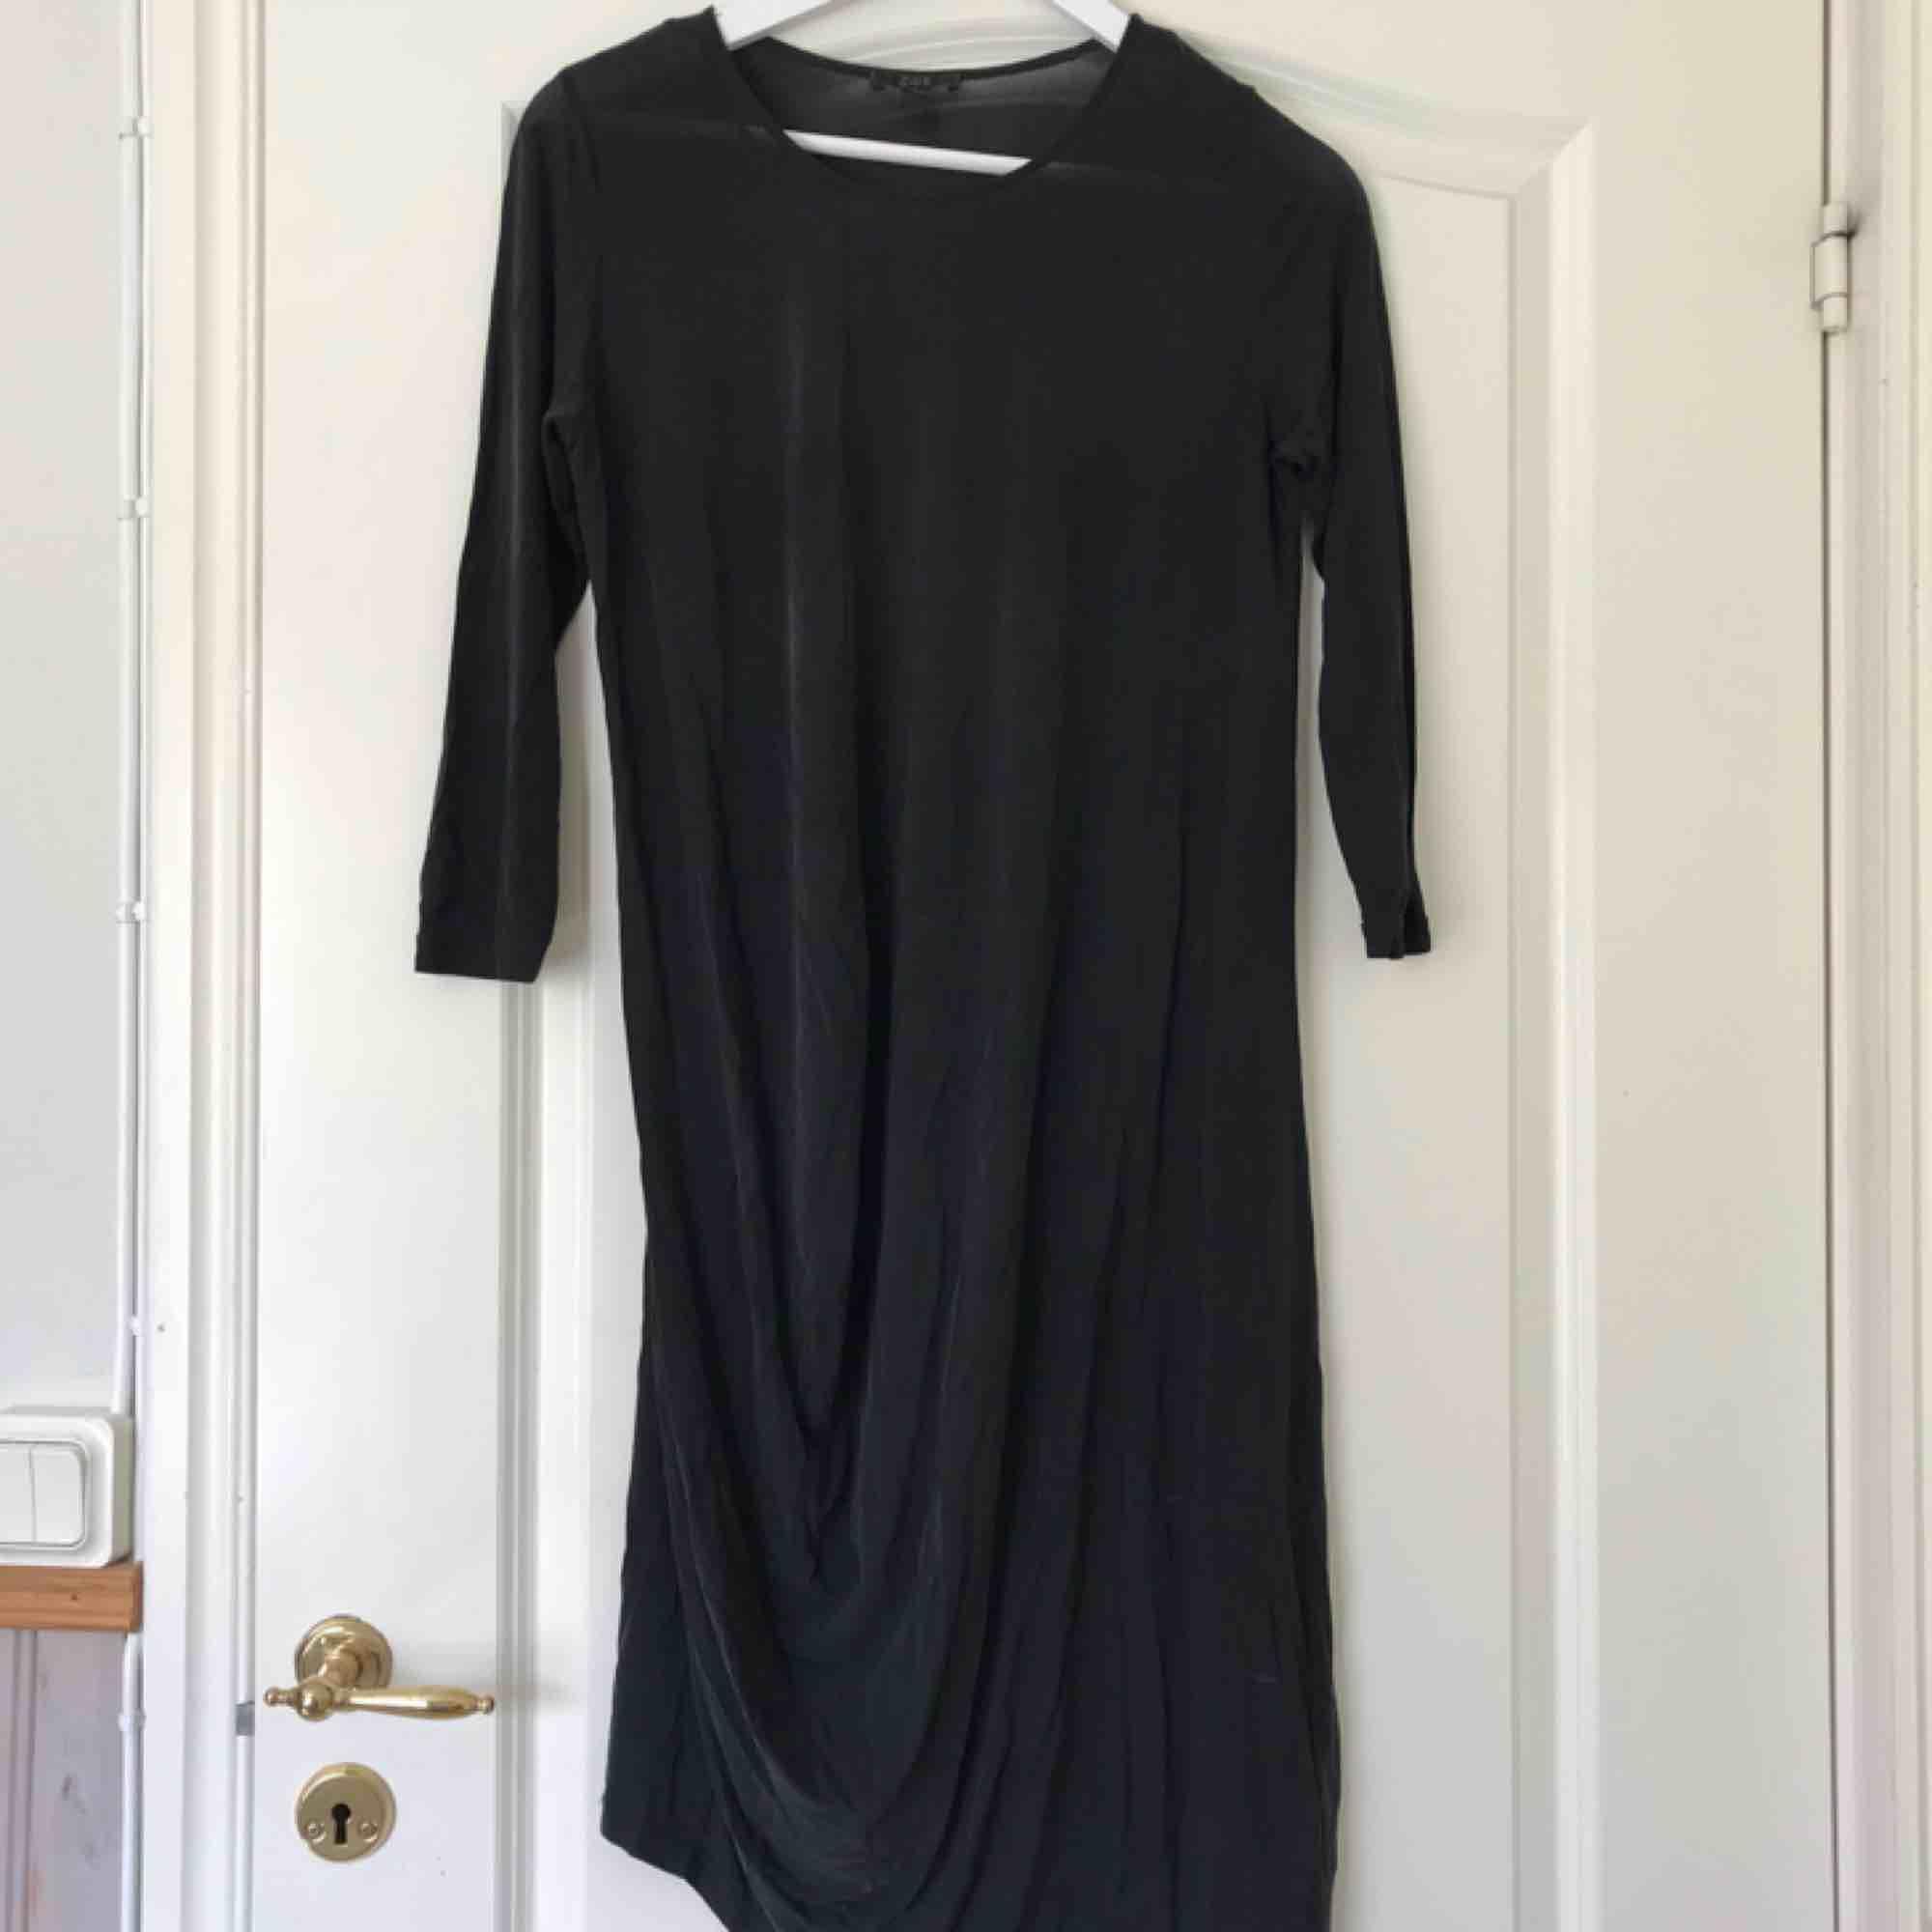 1dae16c25a0b COS lång klänning i tunnare material - COS Klänningar - Second Hand